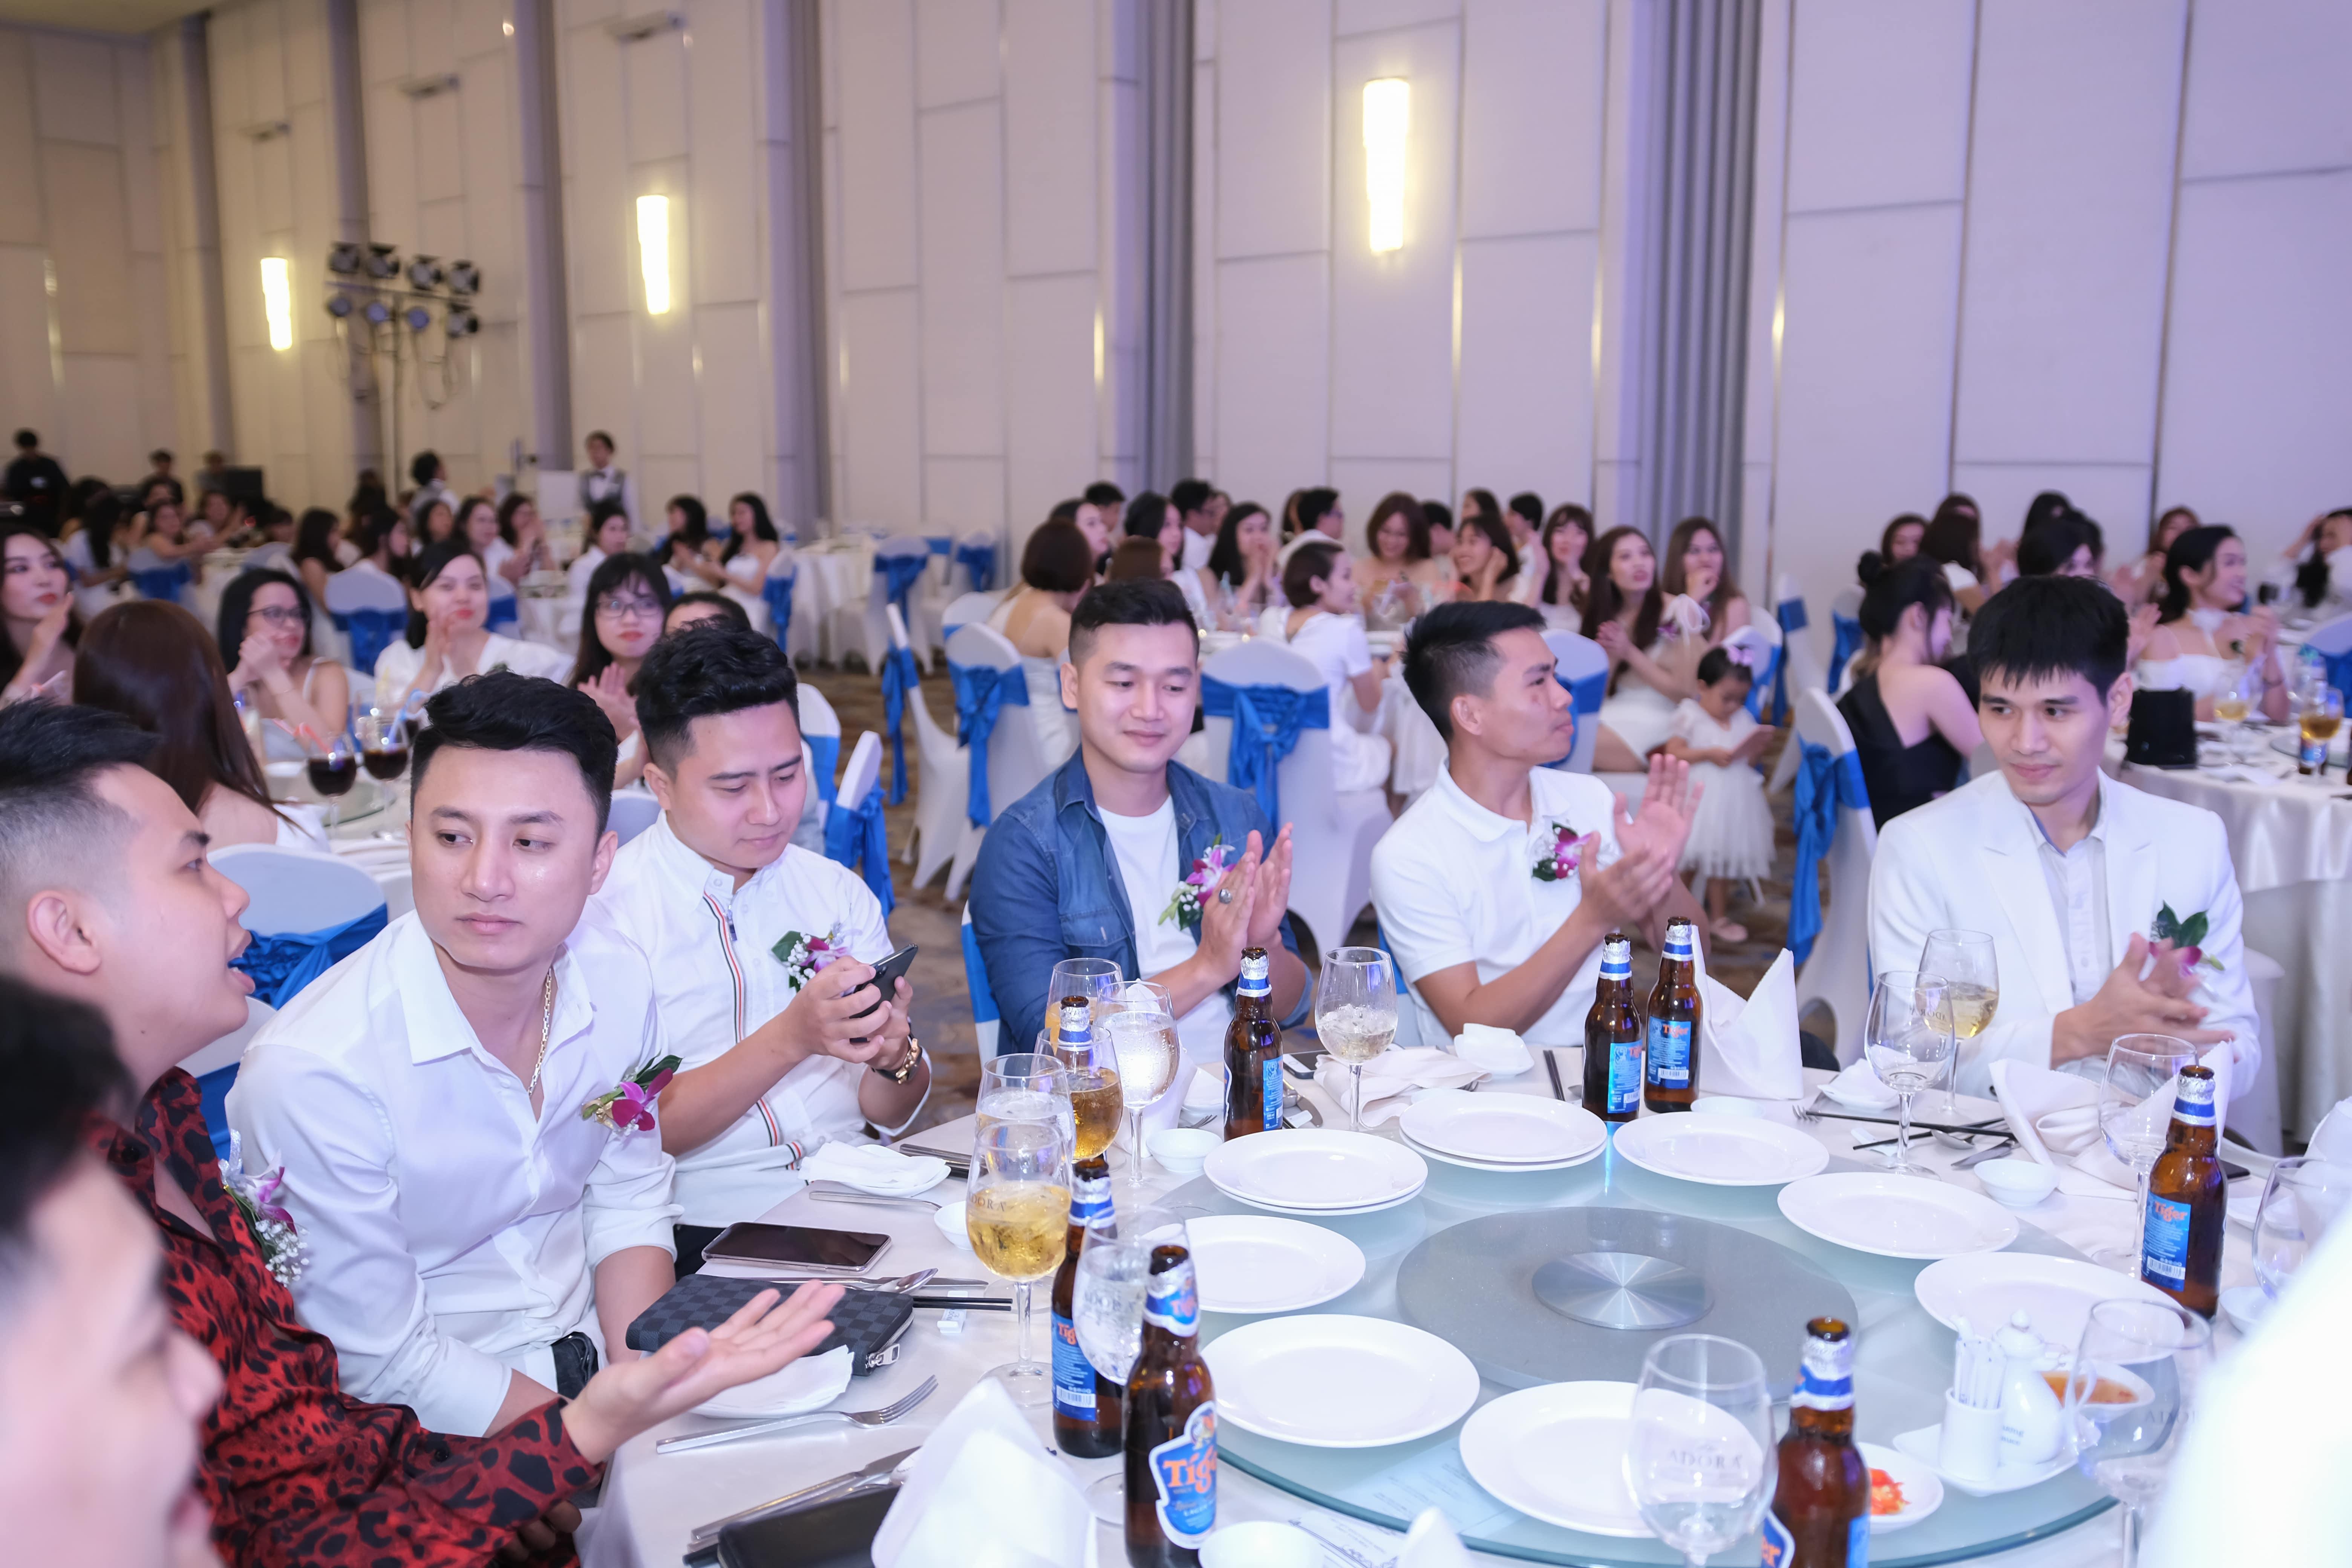 Đông đảo khách mời trong chương trình tổ chức sự kiện